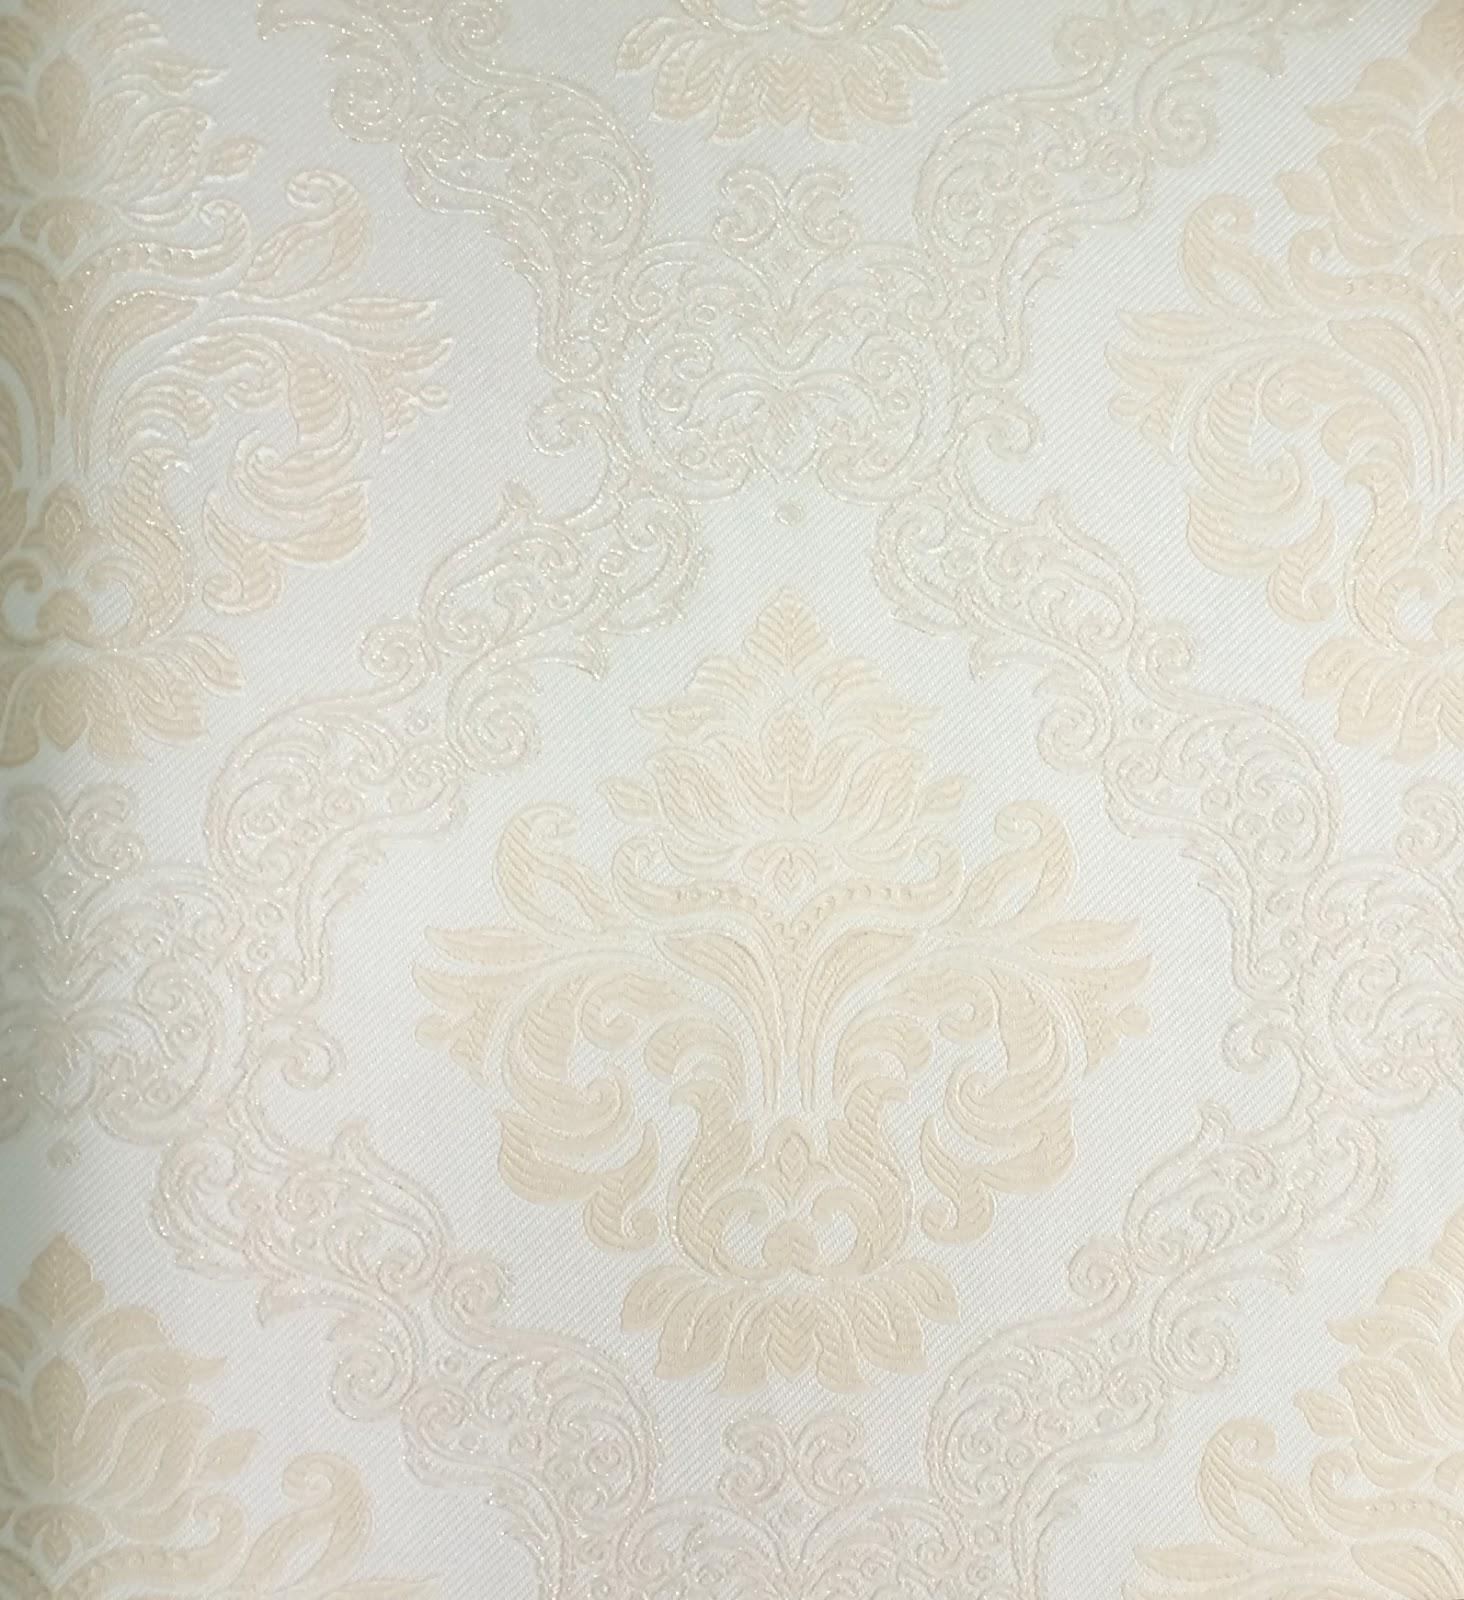 giấy dán tường Đức LS6753